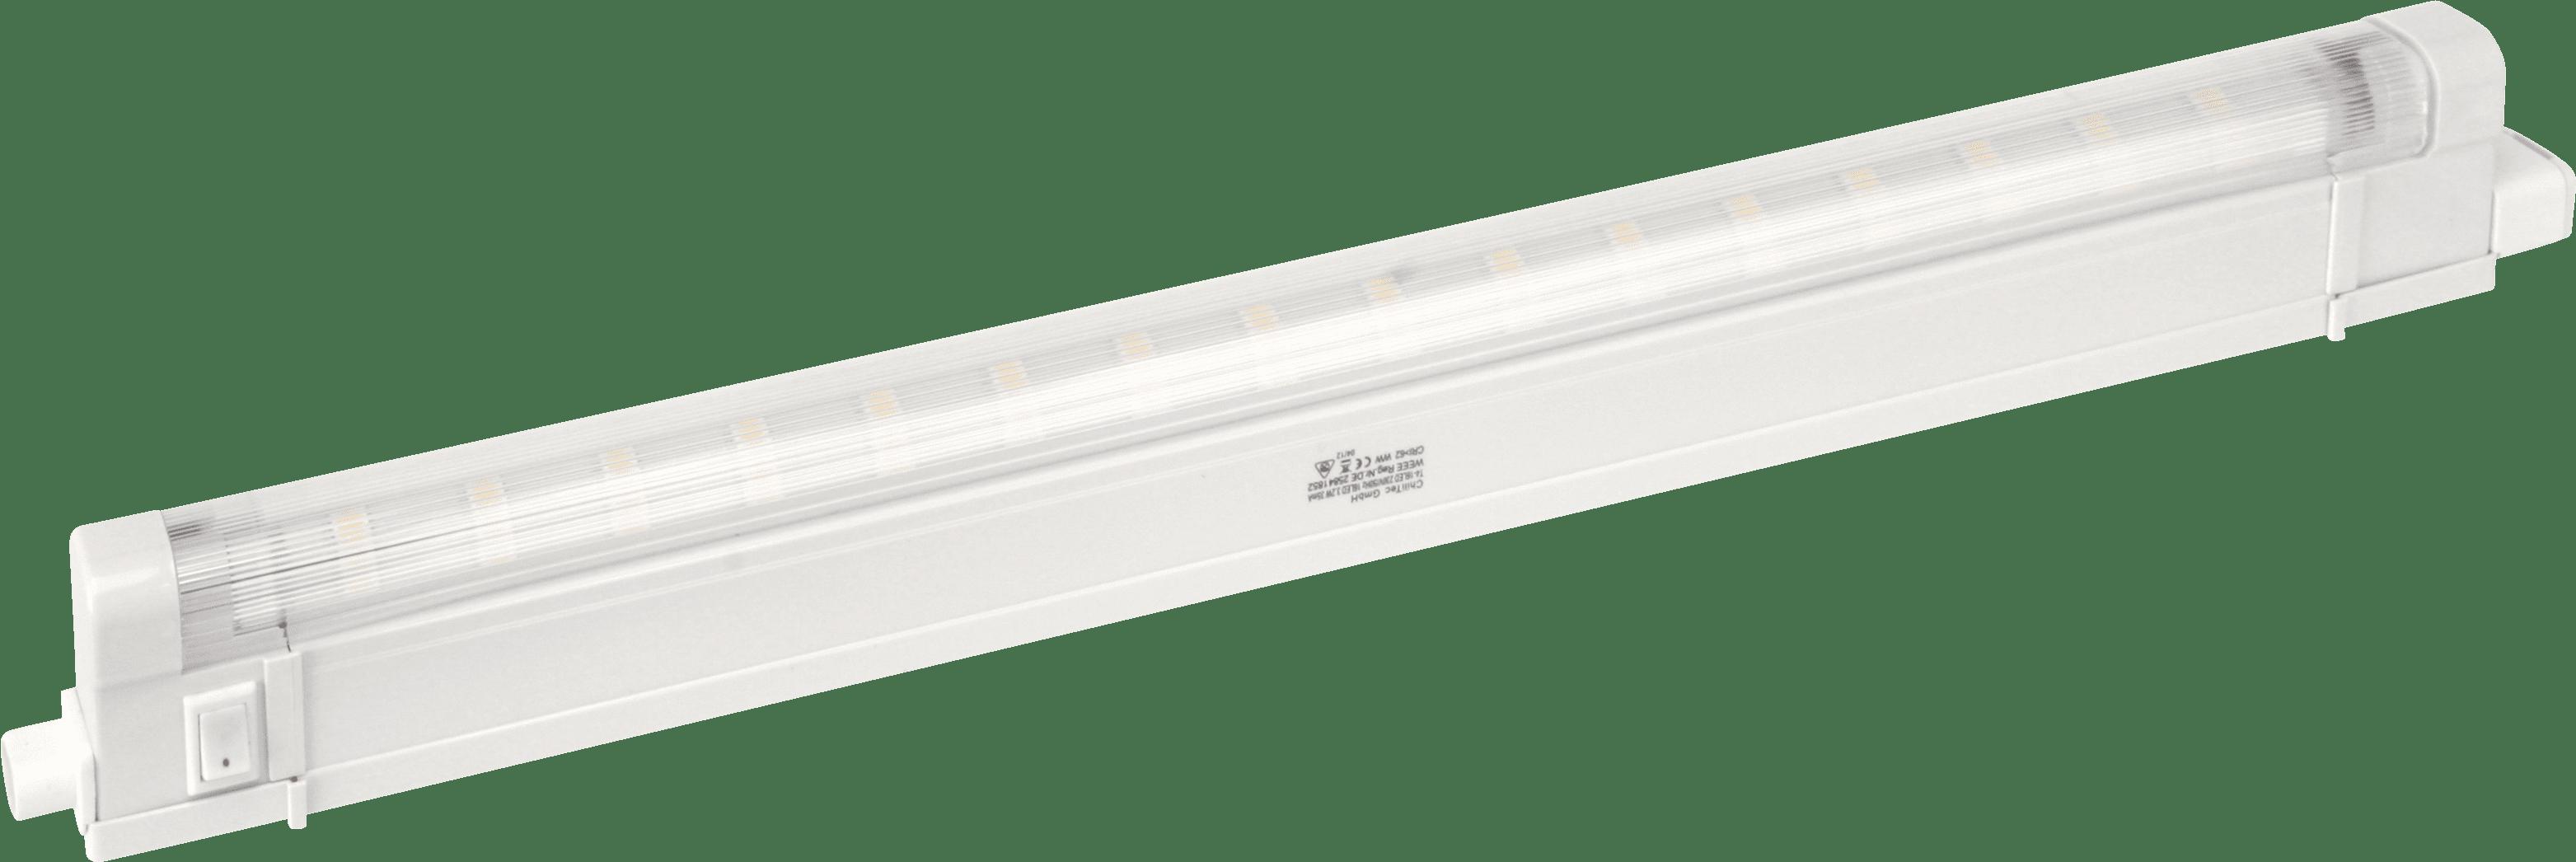 LED-Auf- / Unterbauleuchten